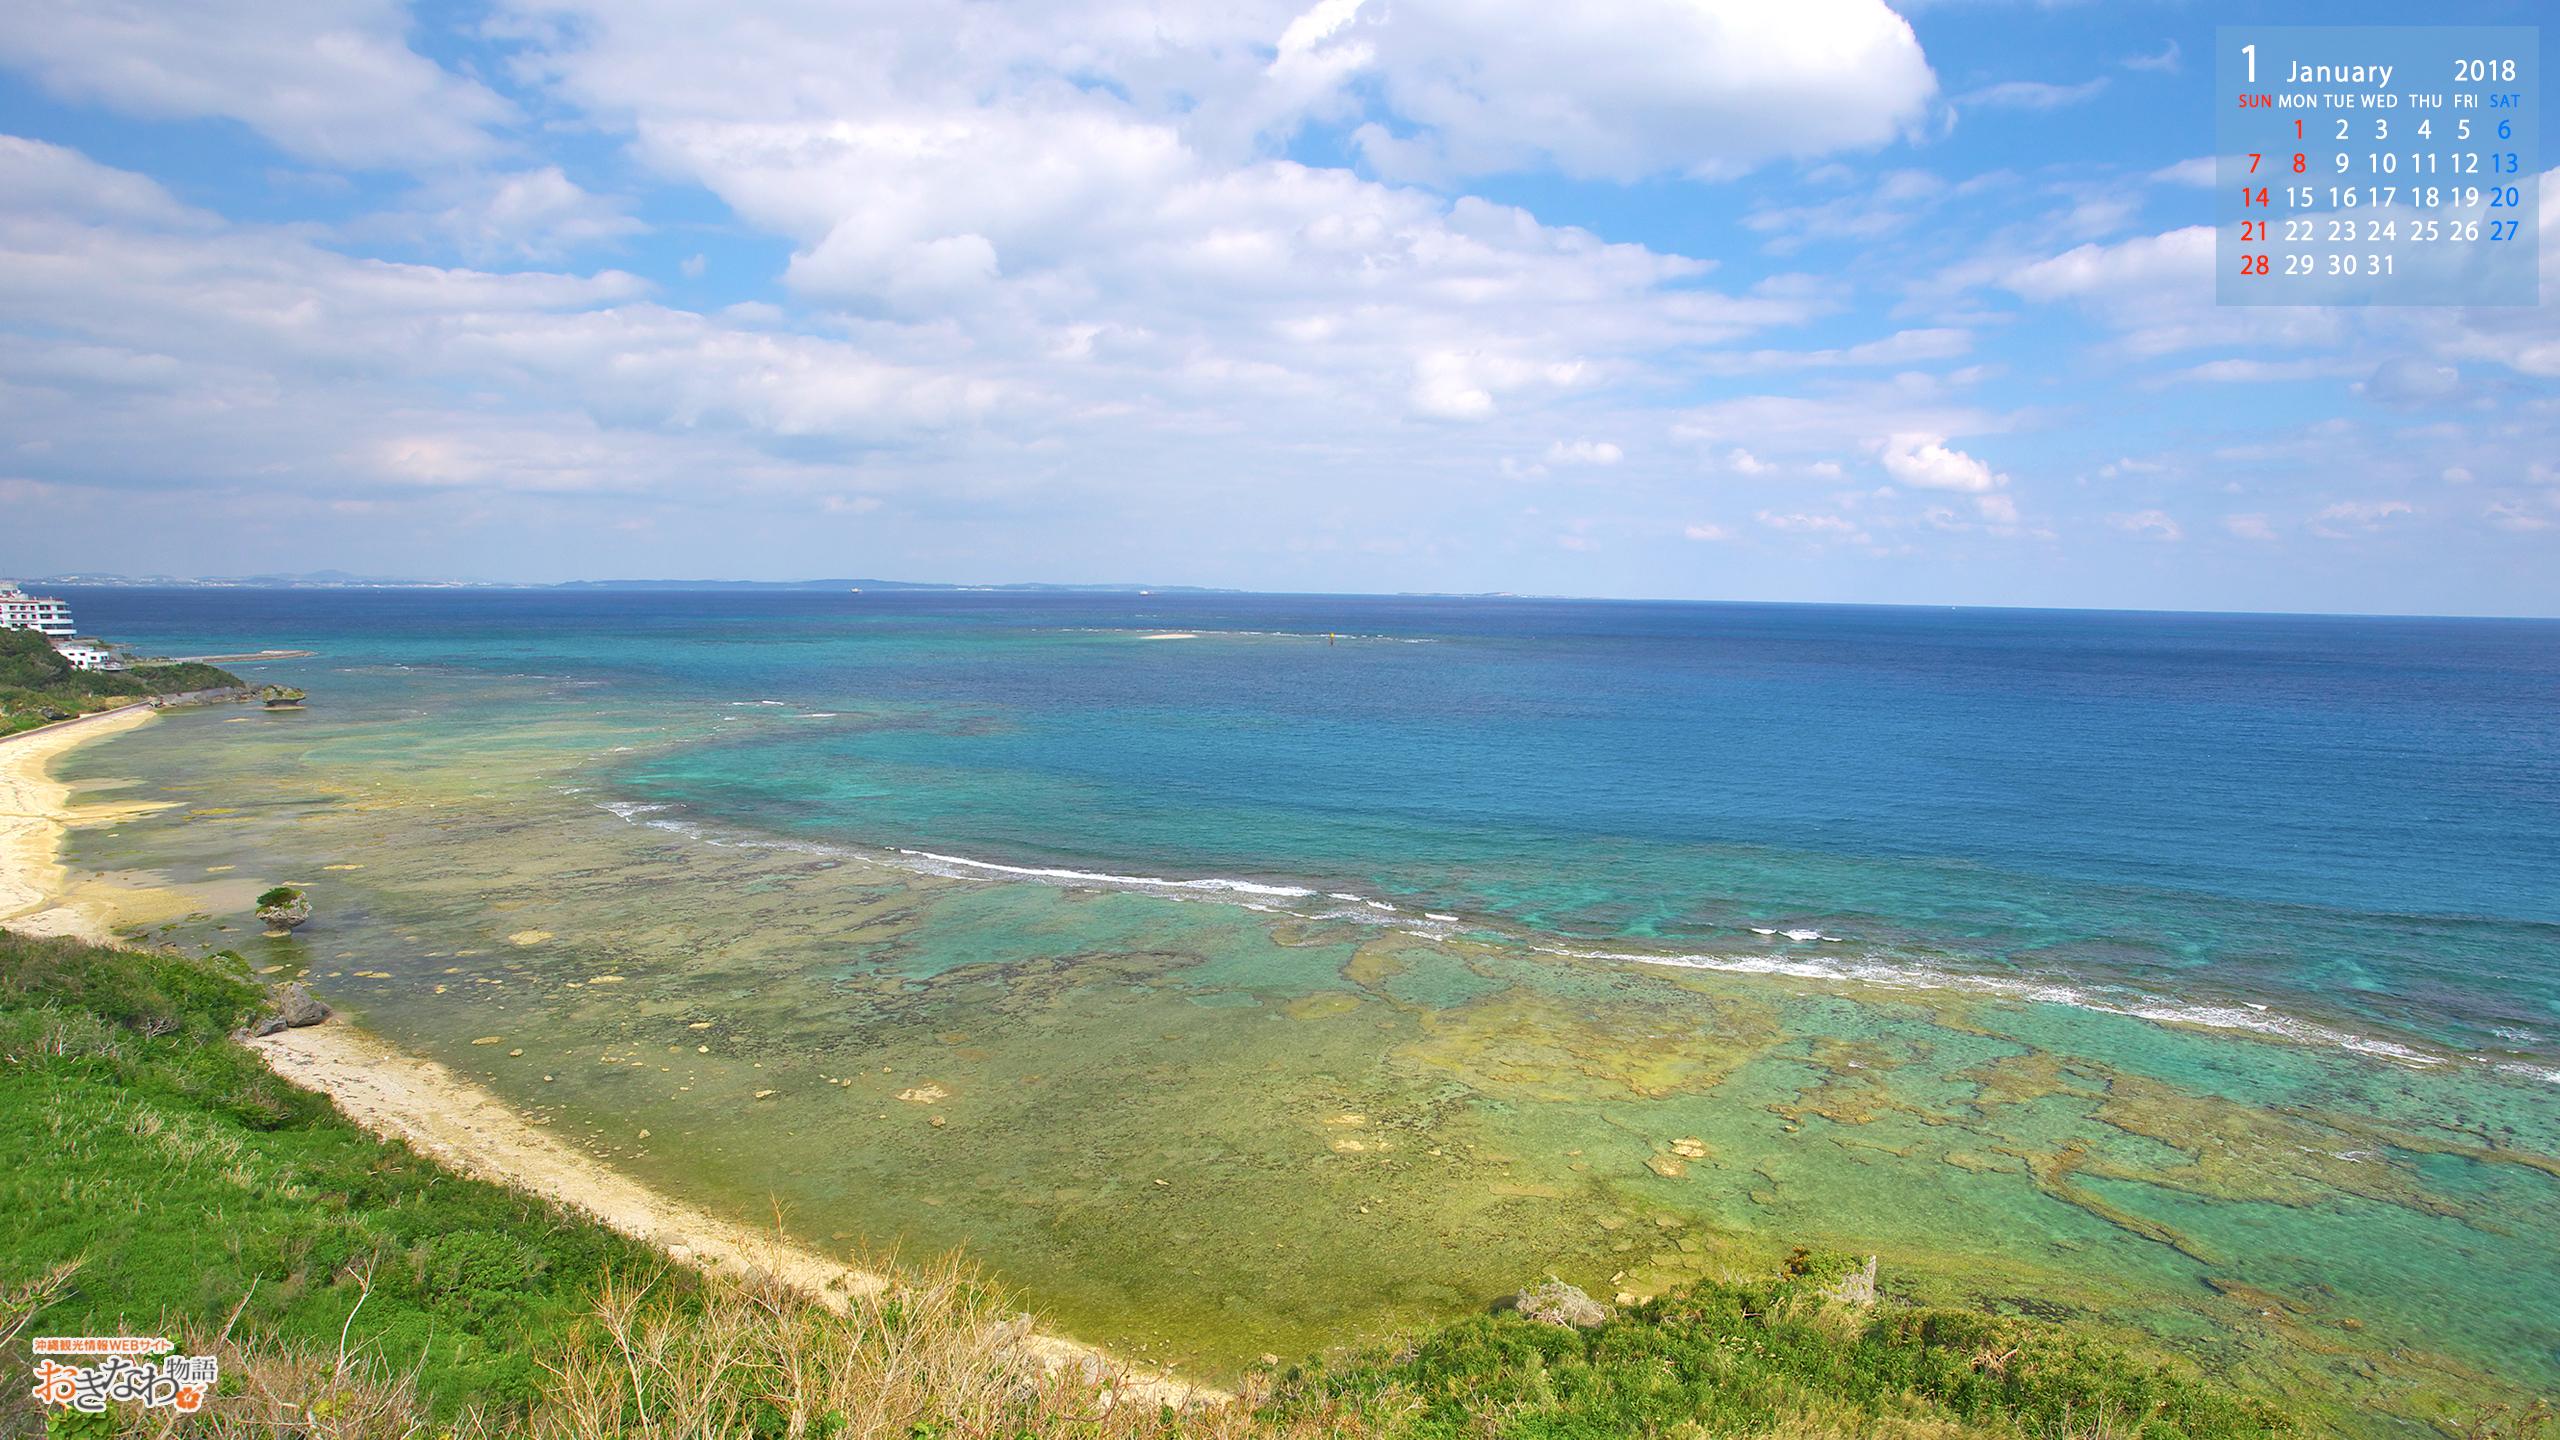 1月の壁紙カレンダー お知らせ トピックス 沖縄観光情報webサイト おきなわ物語